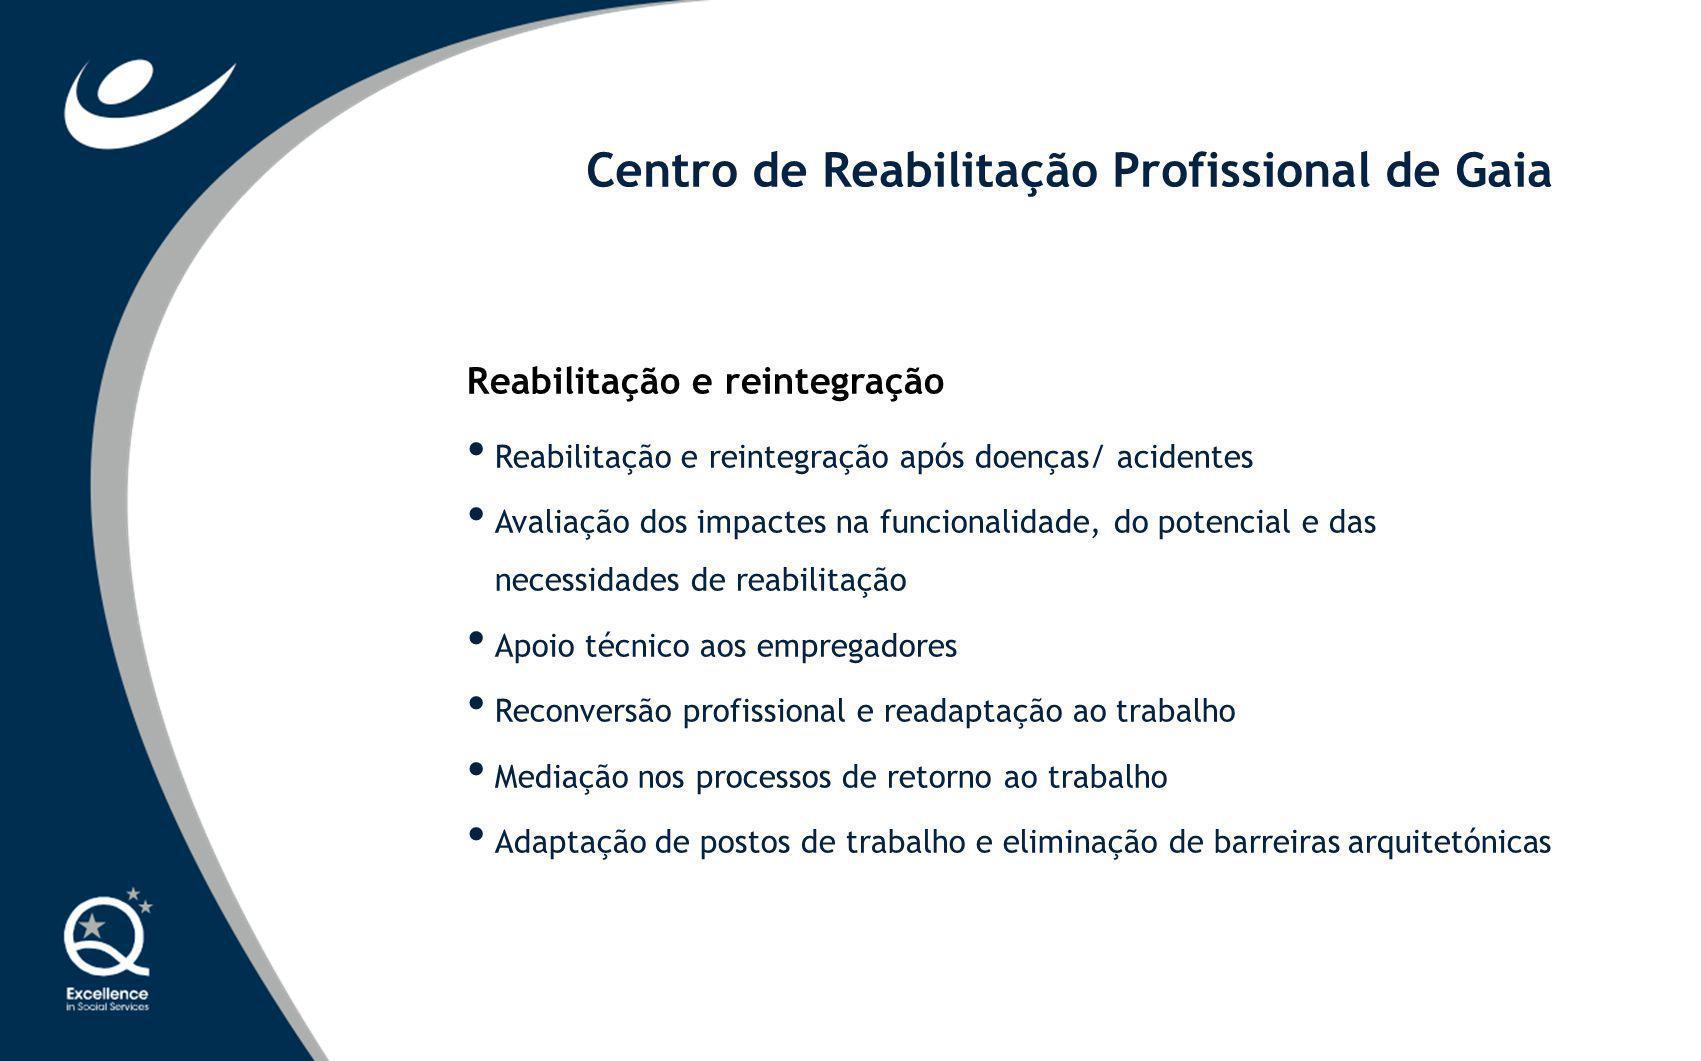 Centro de Reabilitação Profissional de Gaia Reabilitação e reintegração Reabilitação e reintegração após doenças/ acidentes Avaliação dos impactes na